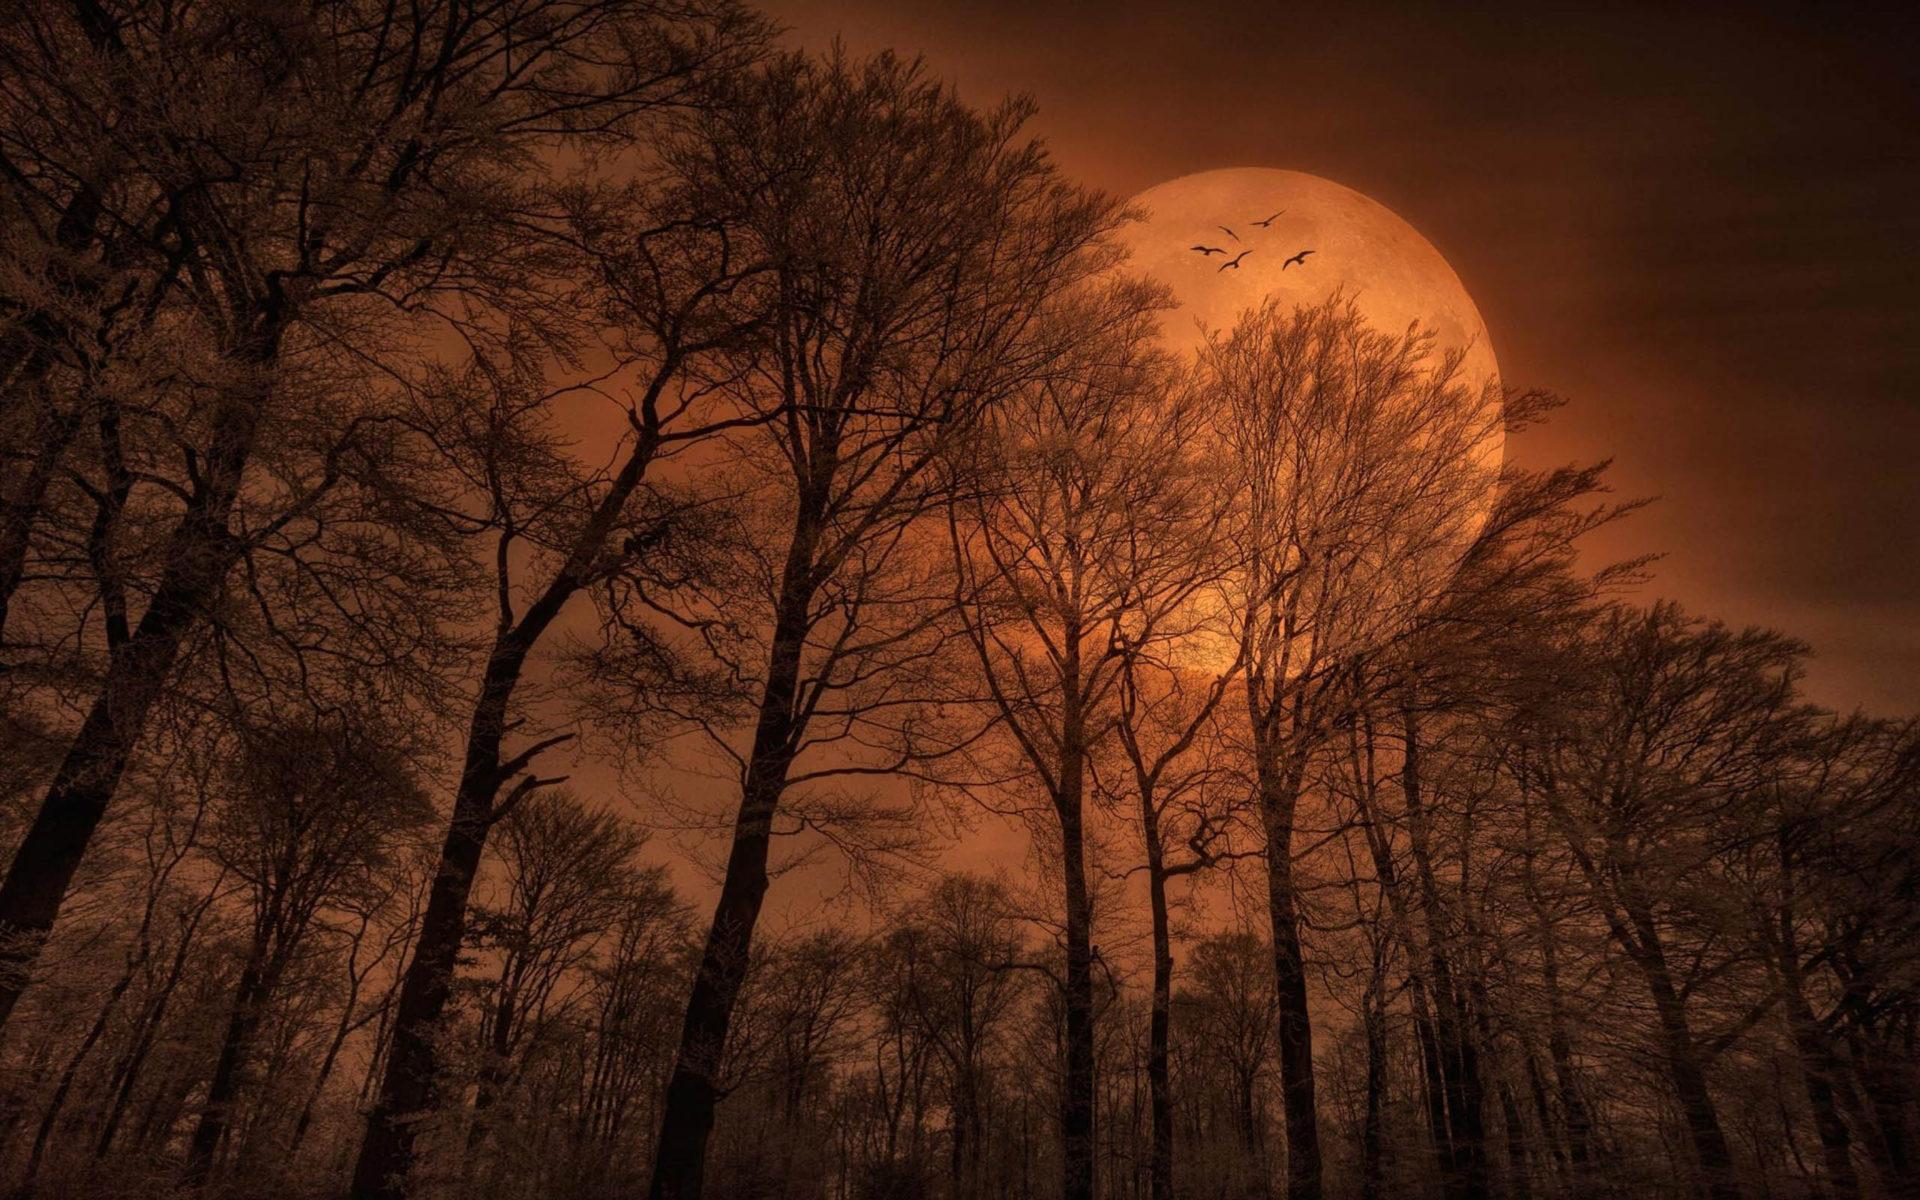 Ảnh mặt trăng trong rừng lãng mạn nhất